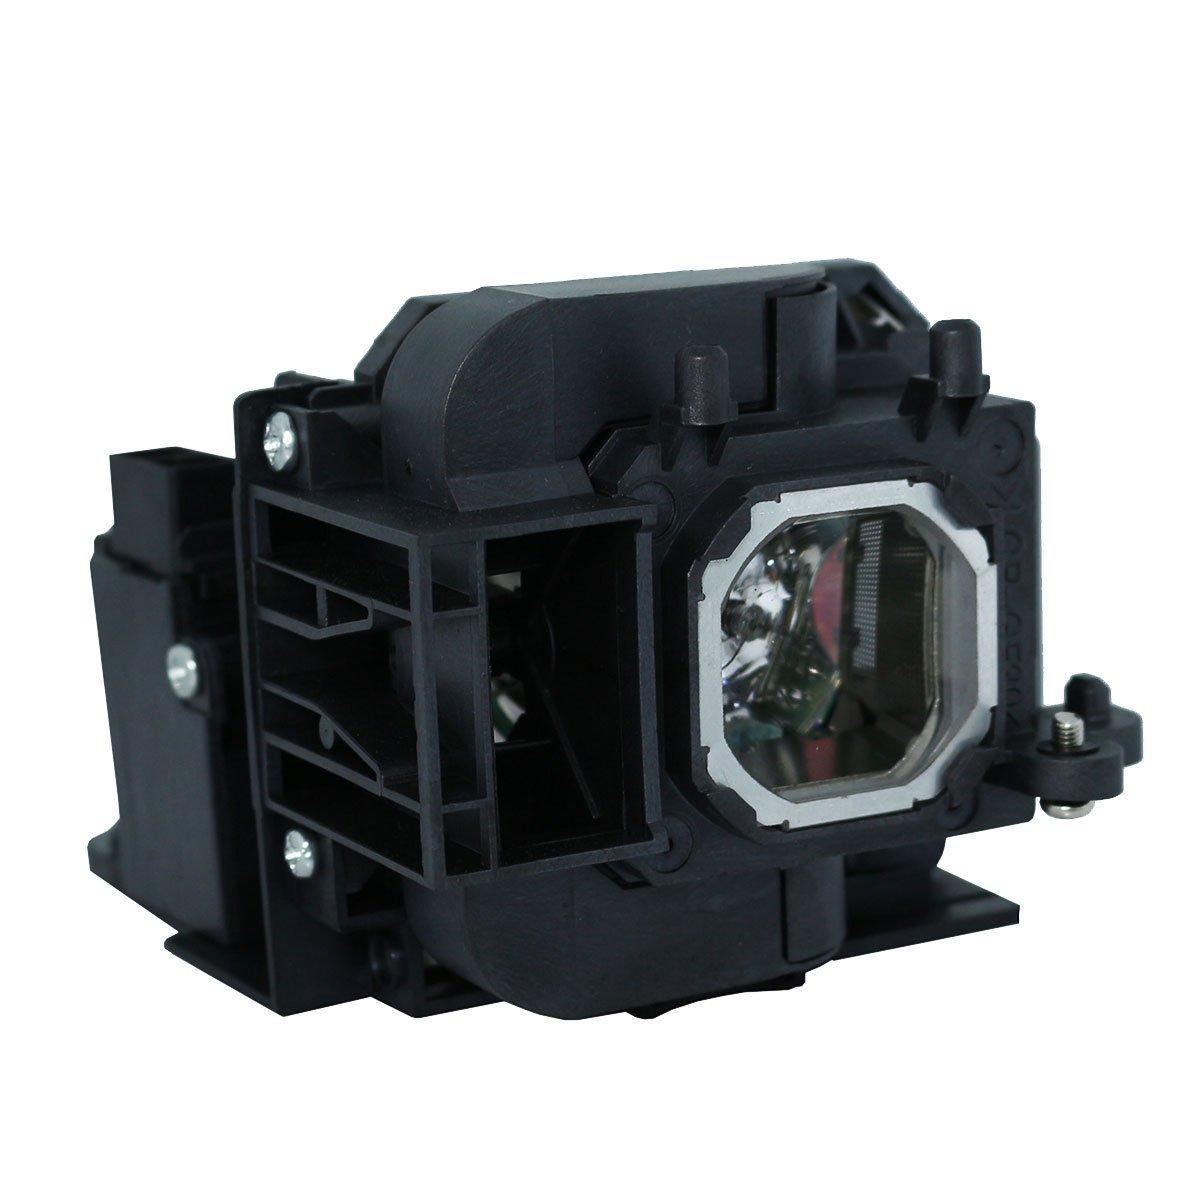 kingoo優れたプロジェクターランプfor NEC np-p401 W np-p451 W np-p451 X np-p501 X np-p501 X G np-pe501 X pe501 X用交換プロジェクターランプ電球ハウジング B078YX8BKZ